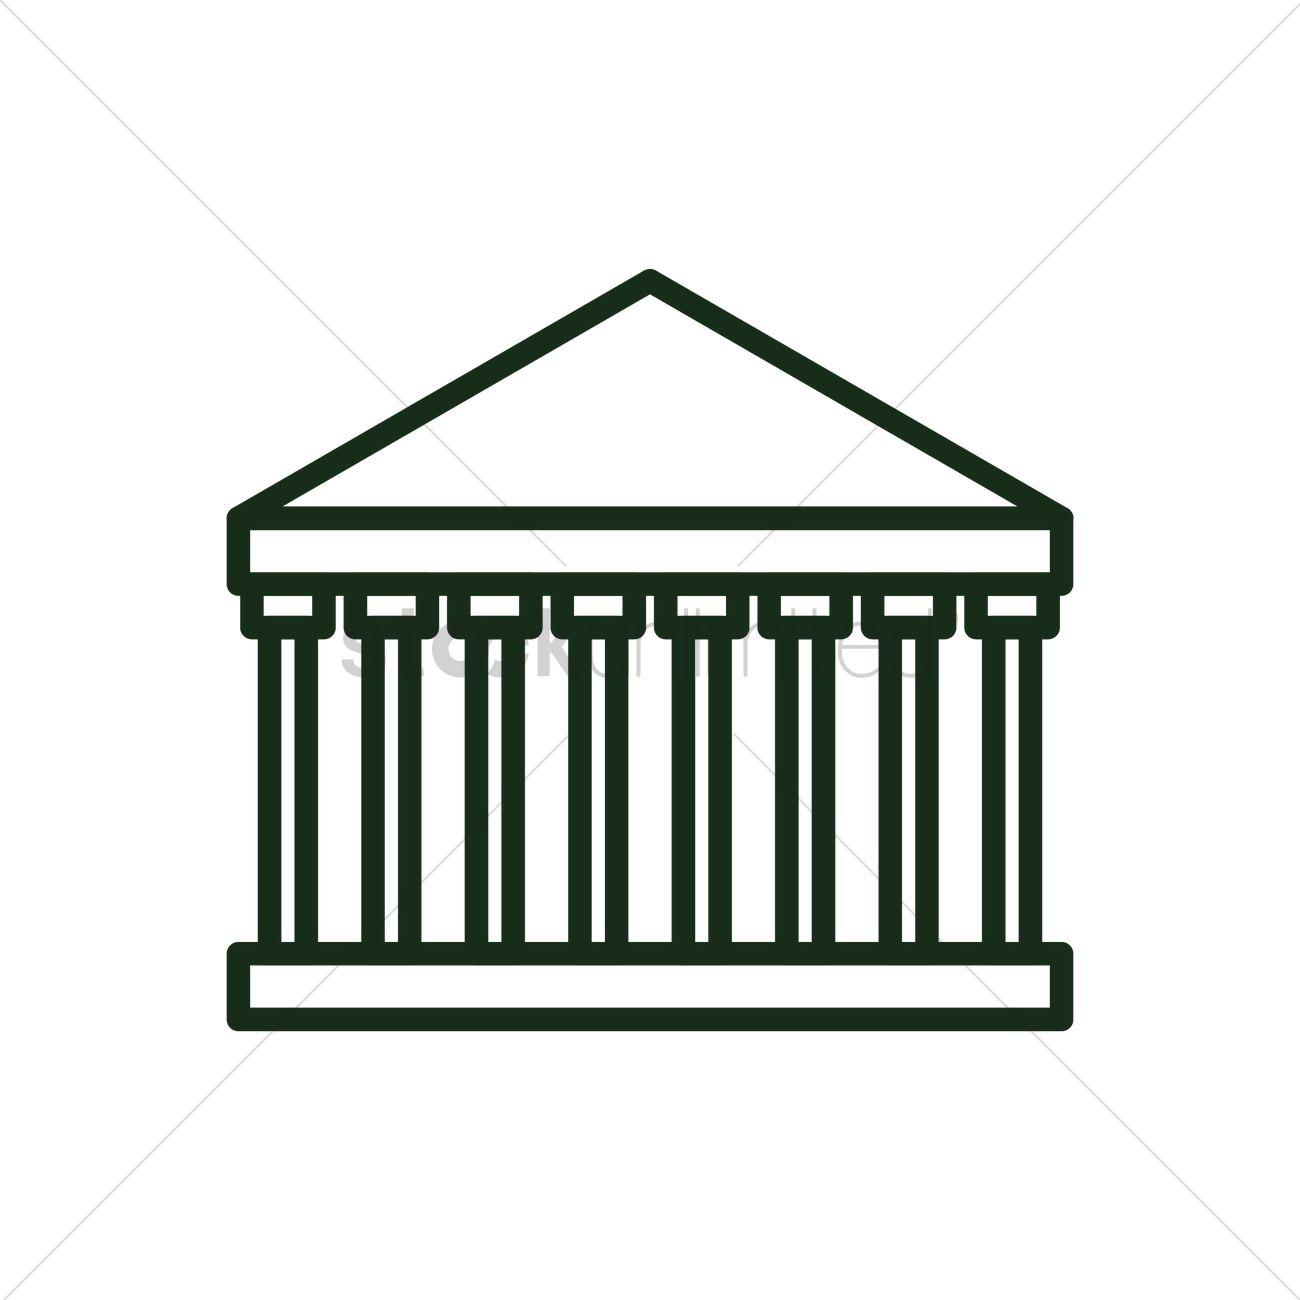 Paestum Vector Image.